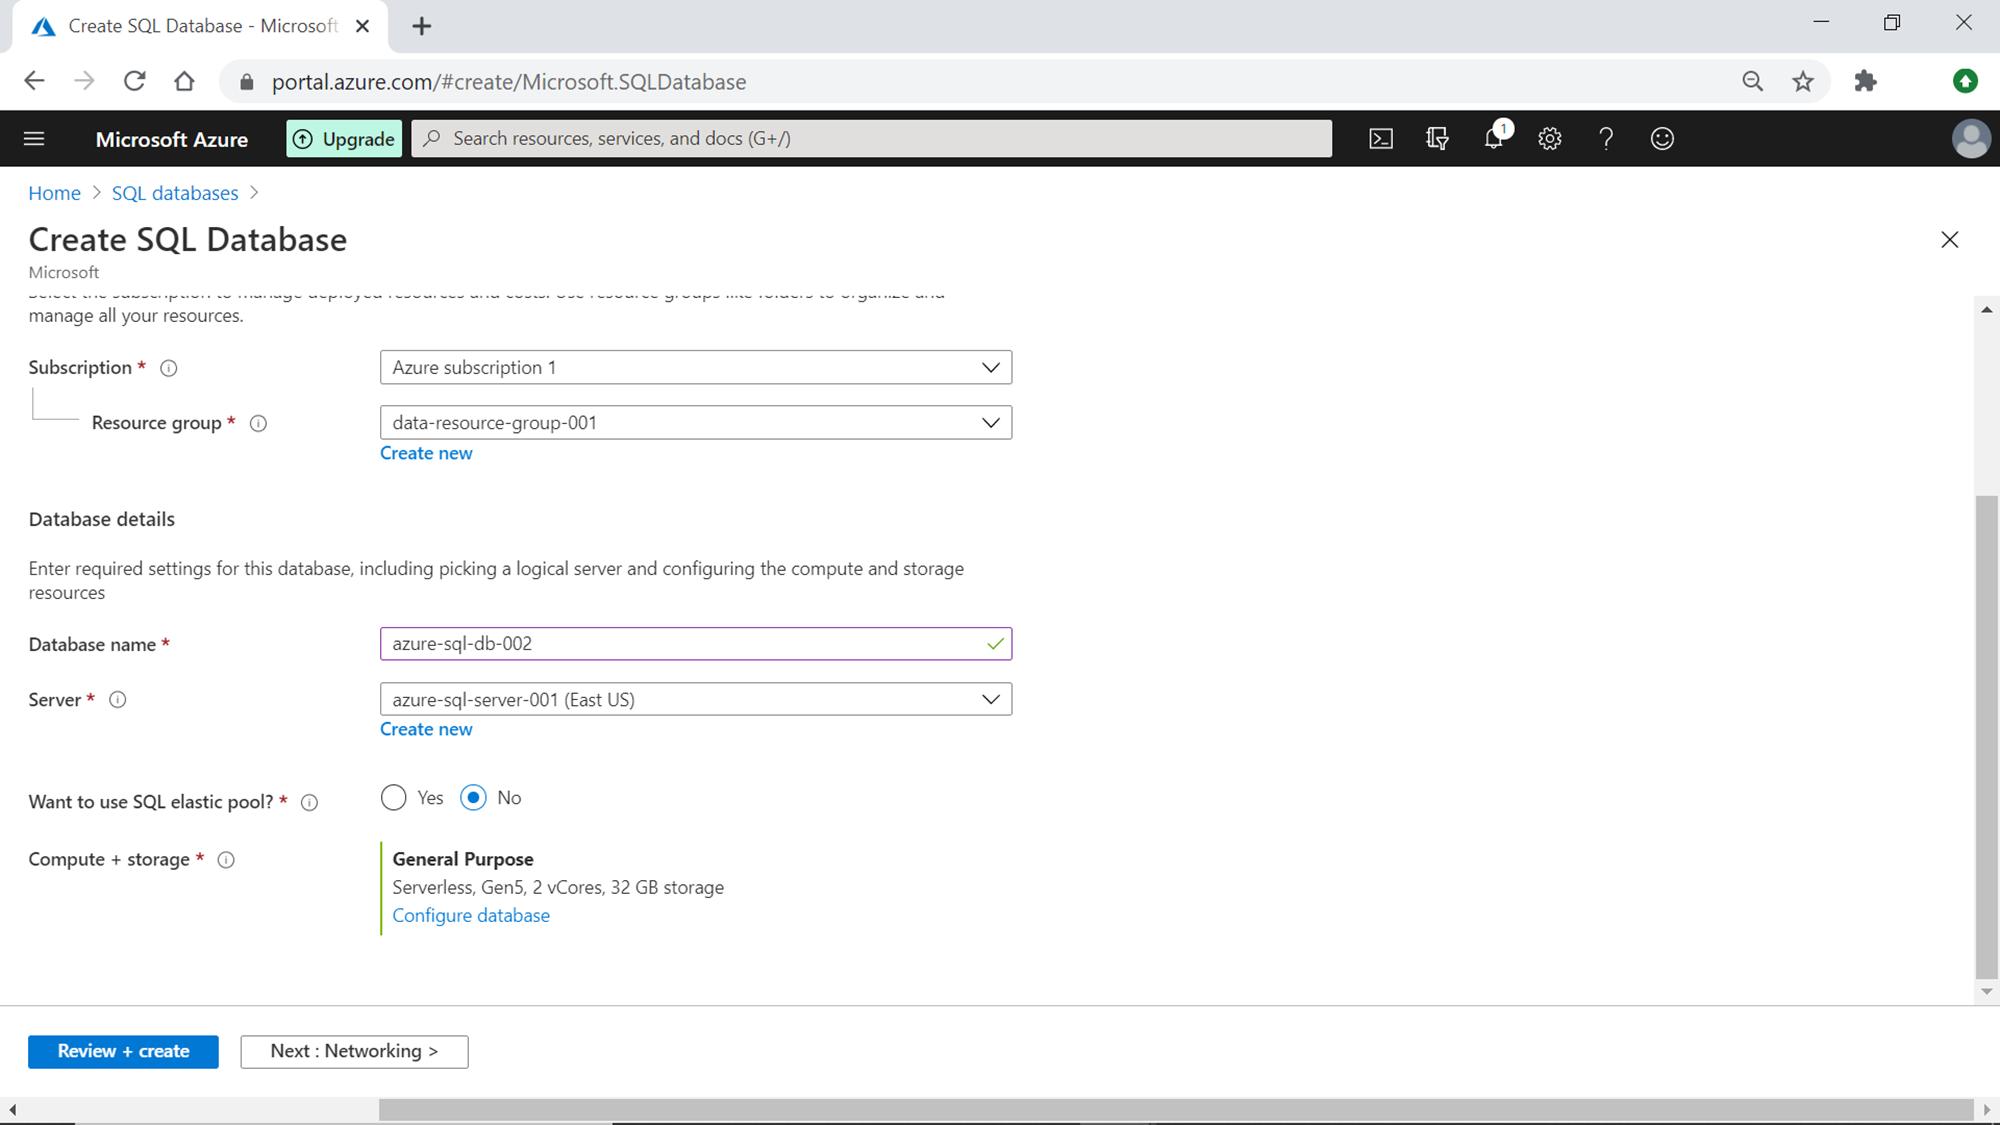 Databasse Serverless Settings